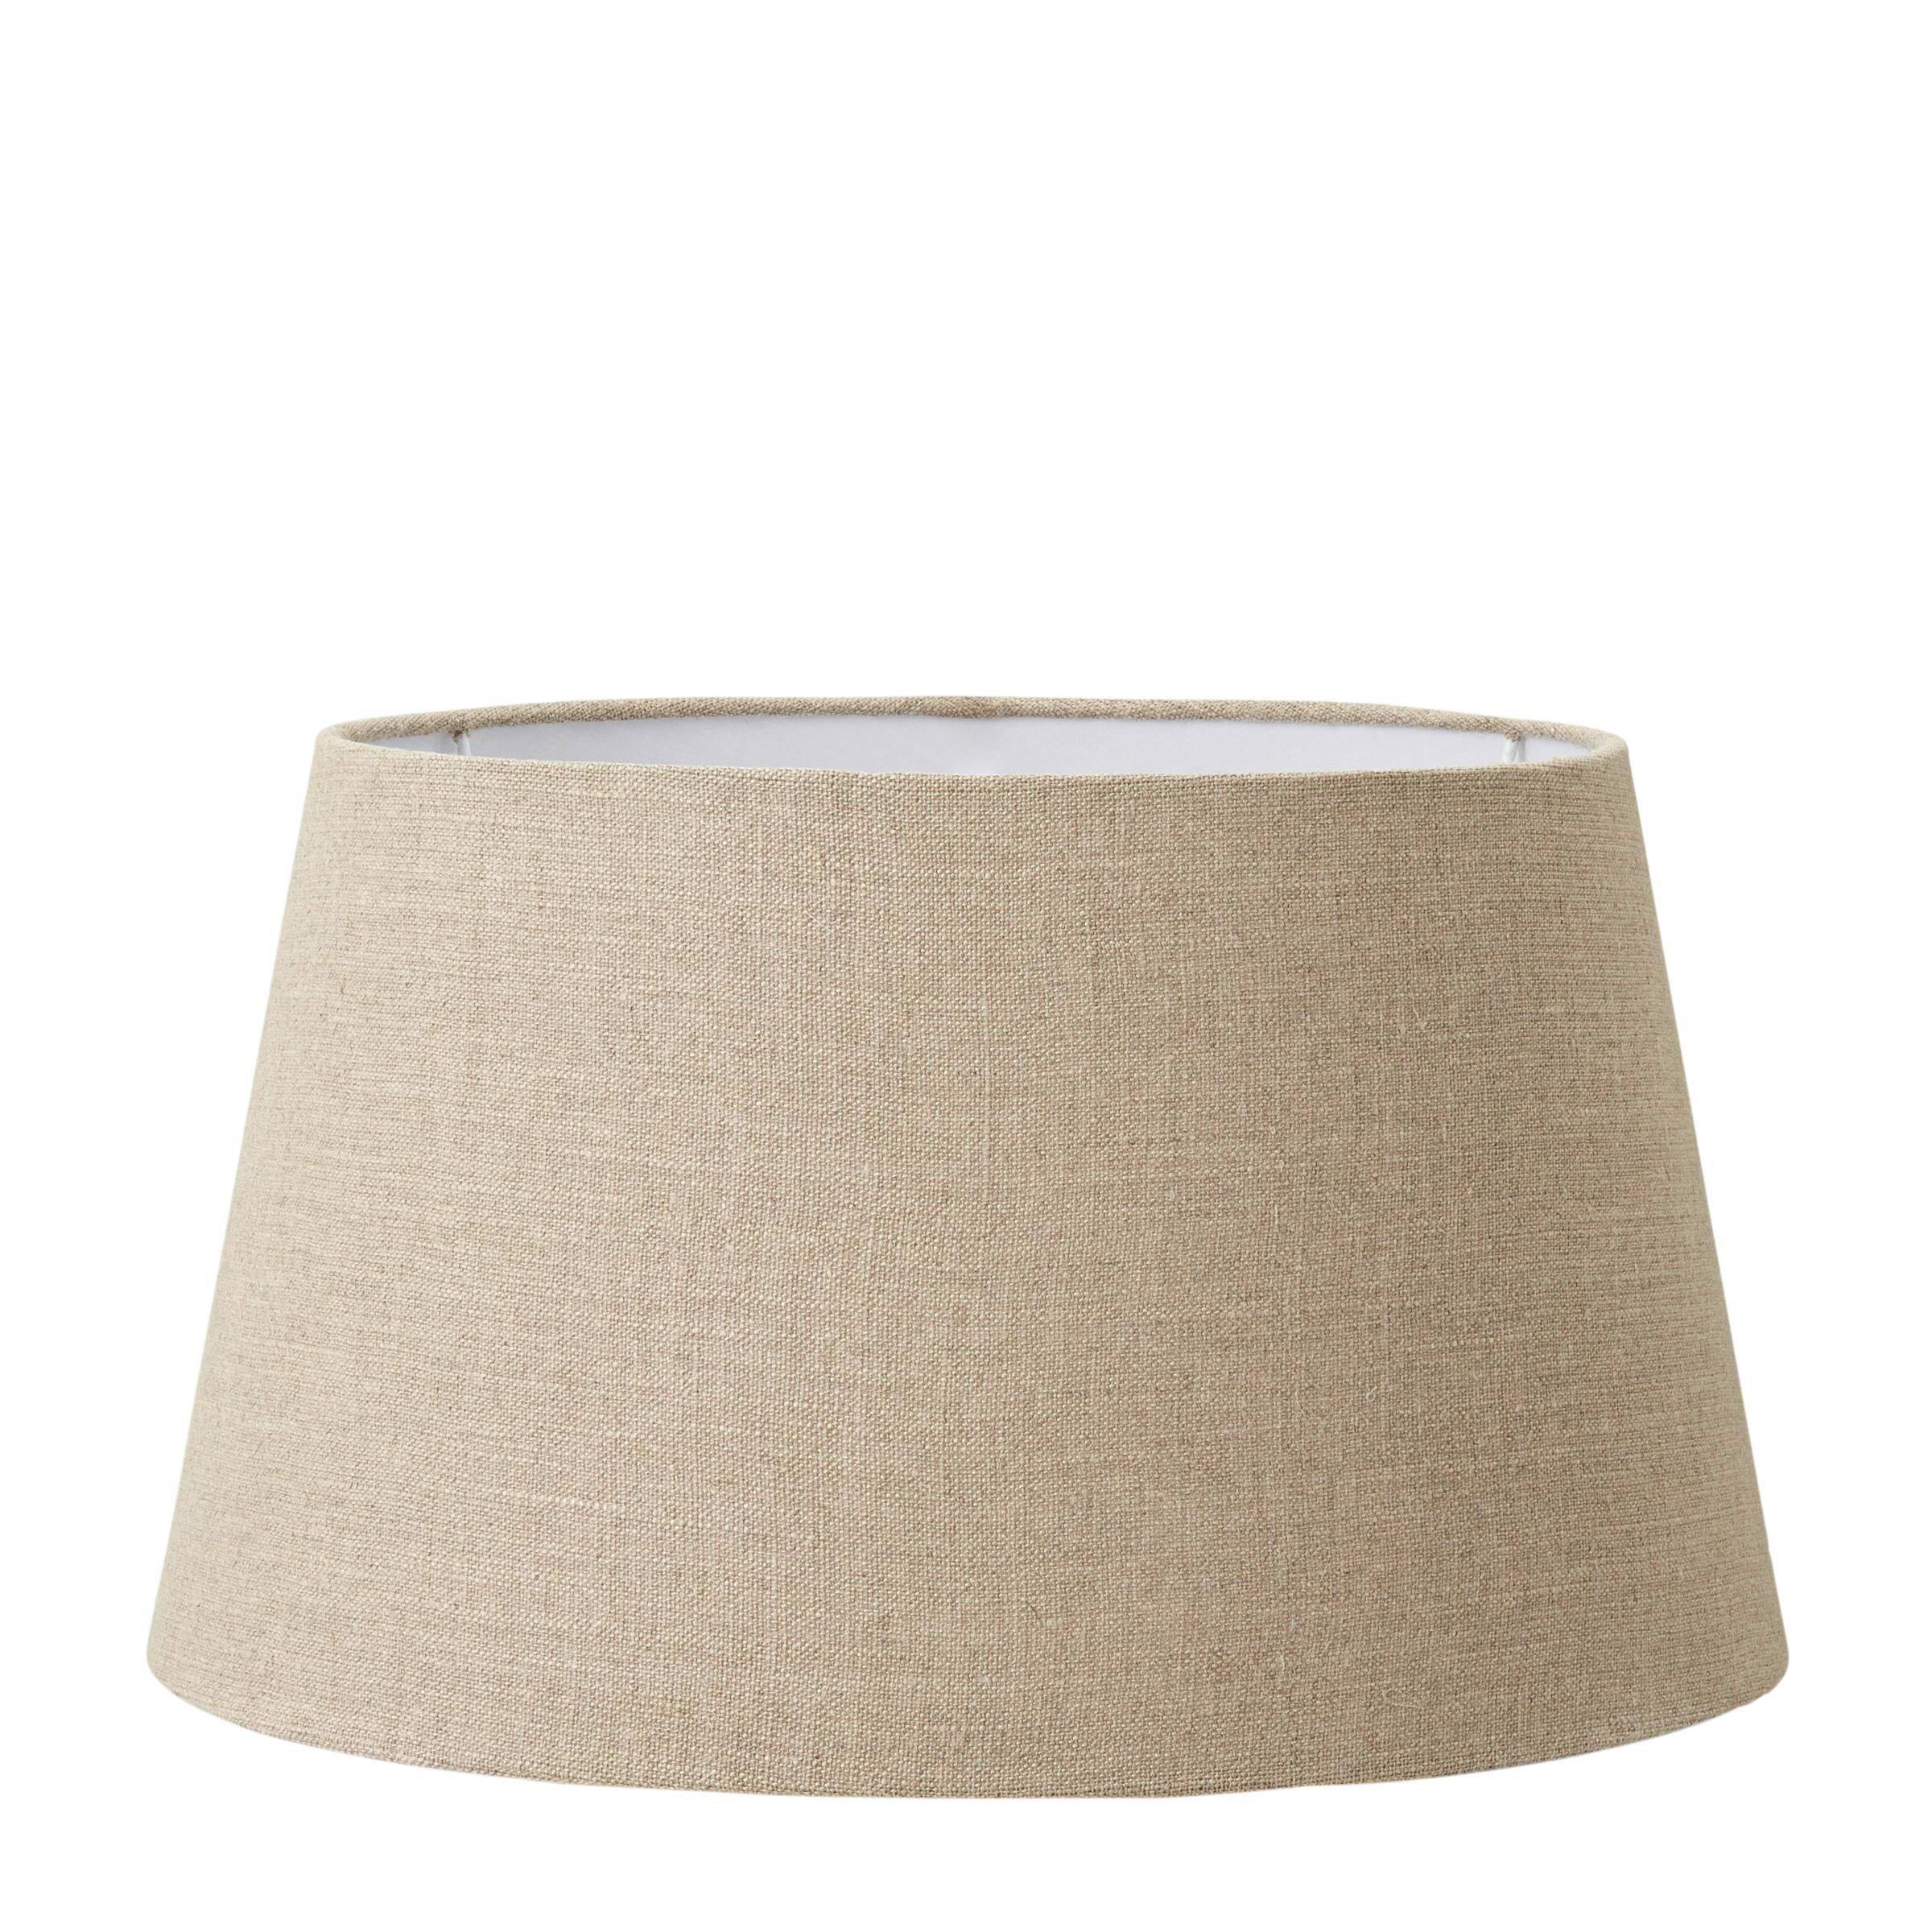 Geliefde Lampenkappen bij wehkamp - Gratis bezorging vanaf 20.- @RO25